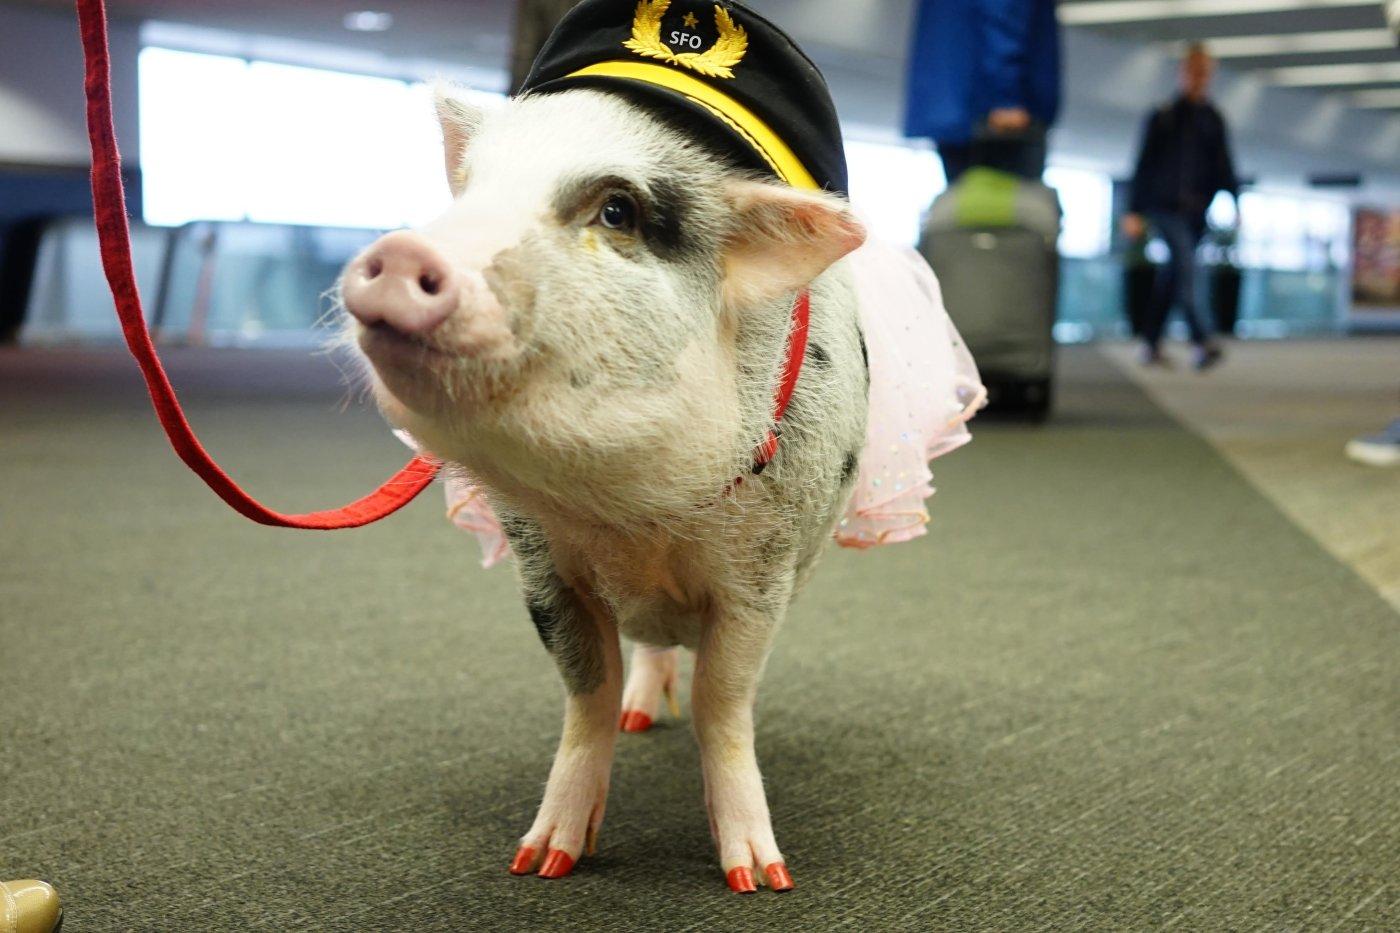 Image of SFO's Wag Brigade pig